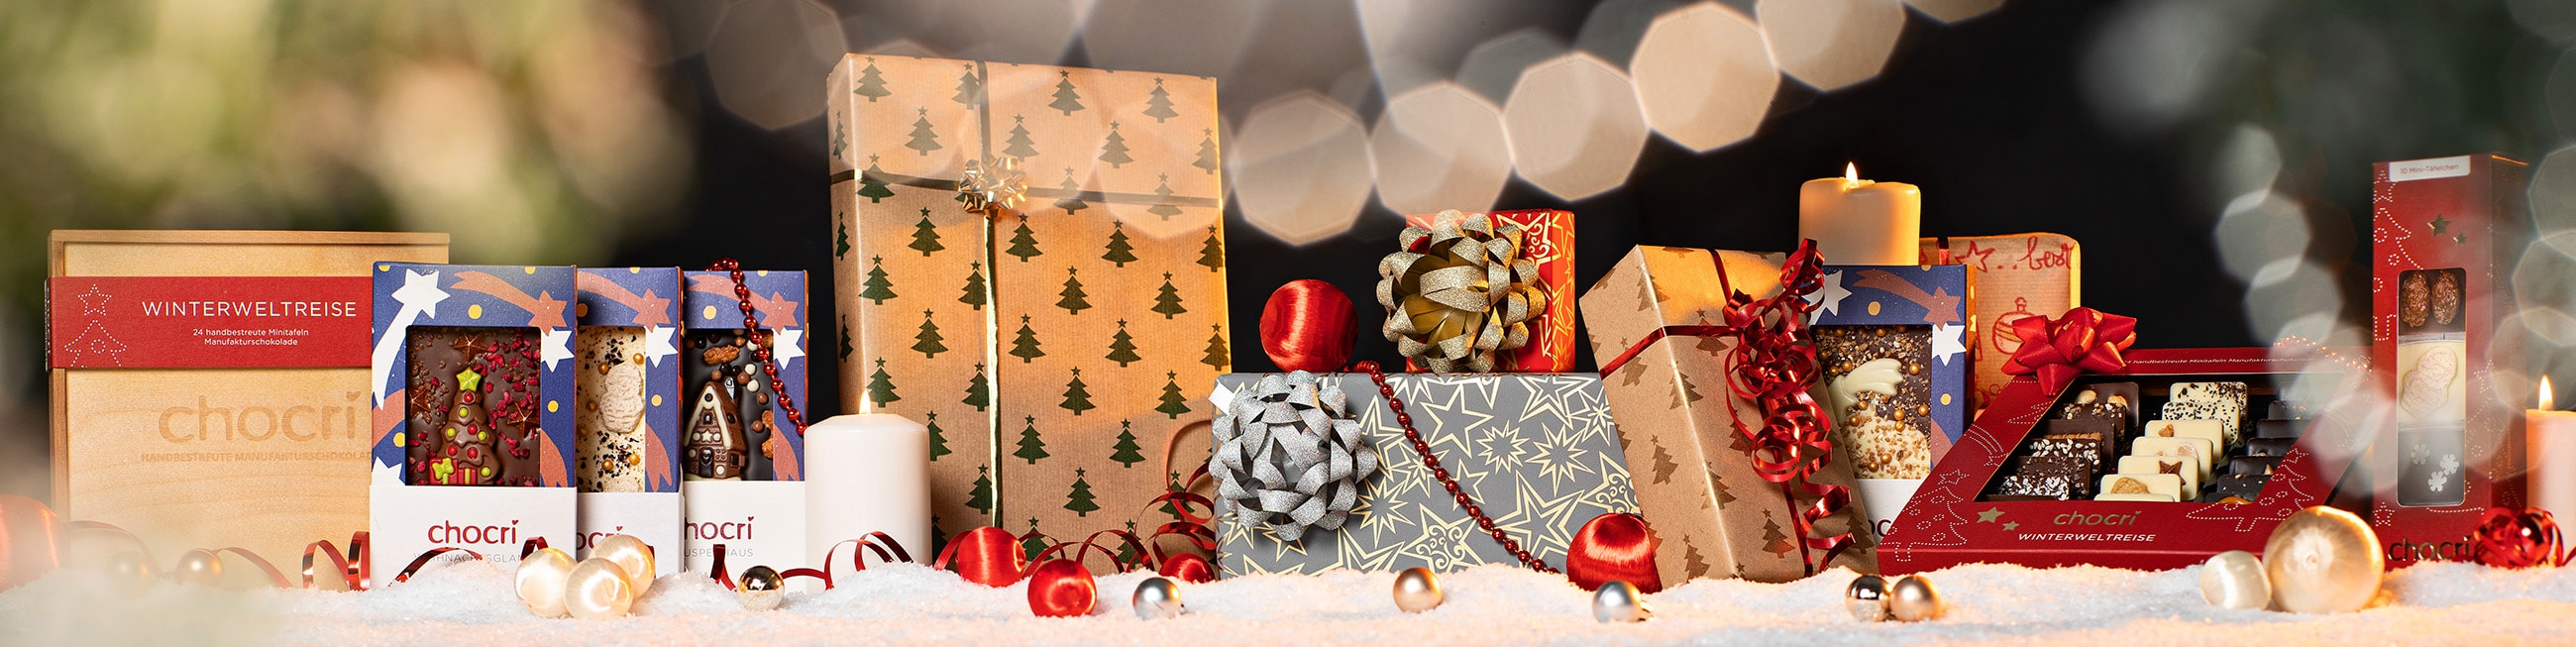 chocri Schokoladige Geschenke zu Weihnachten fuer die ganze Familie